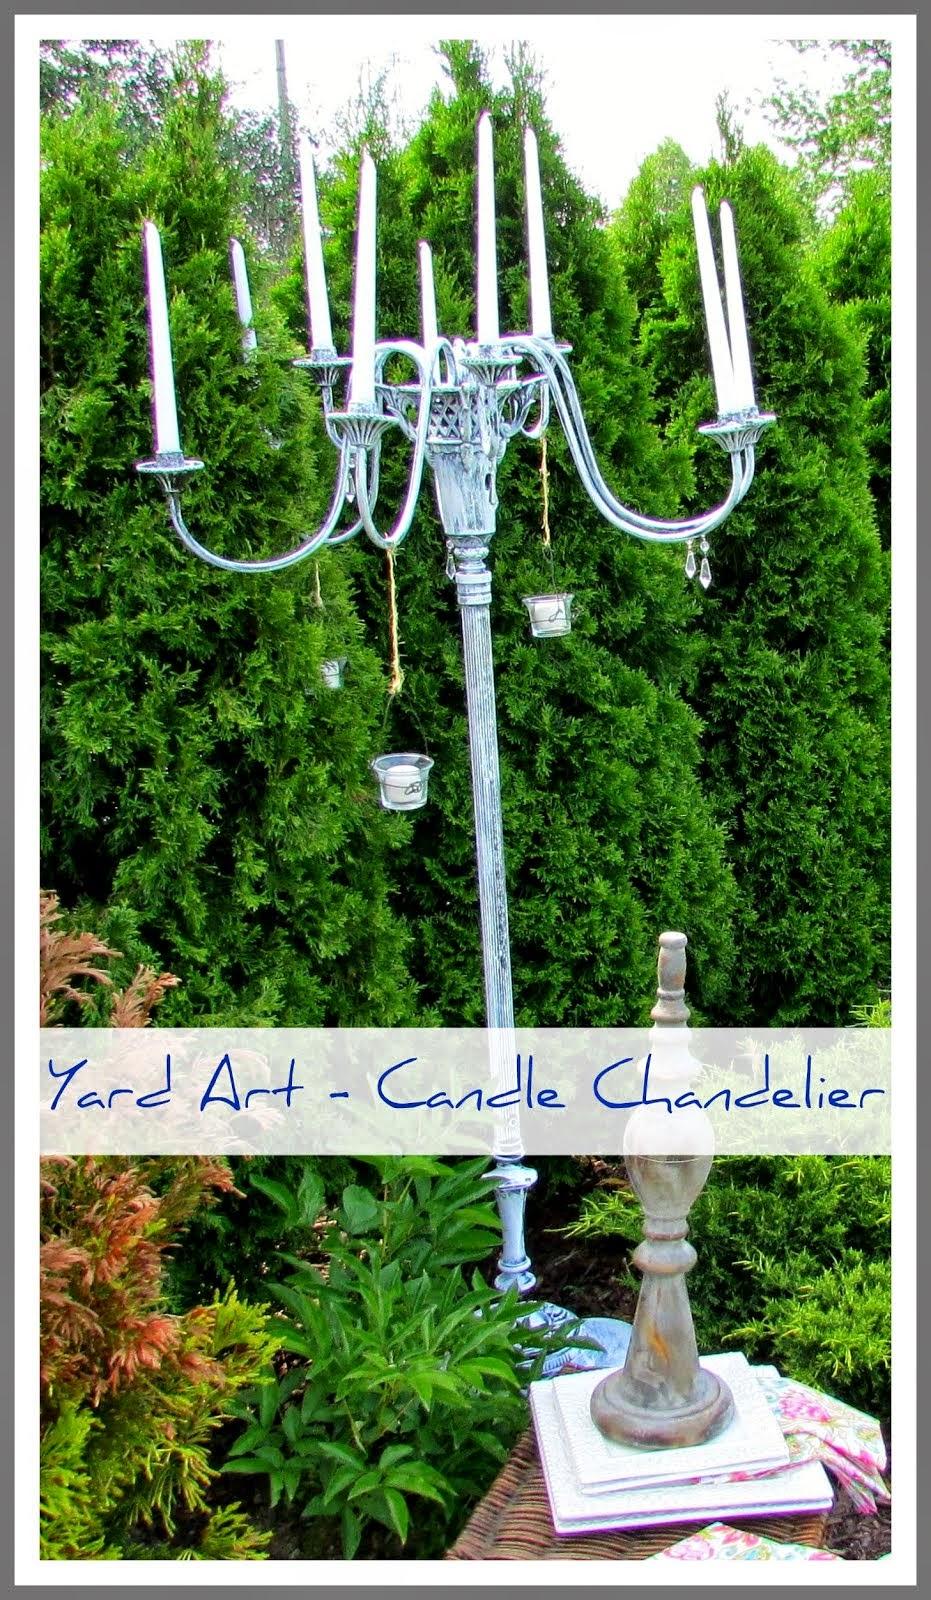 Yard Art - Candle Chandelier